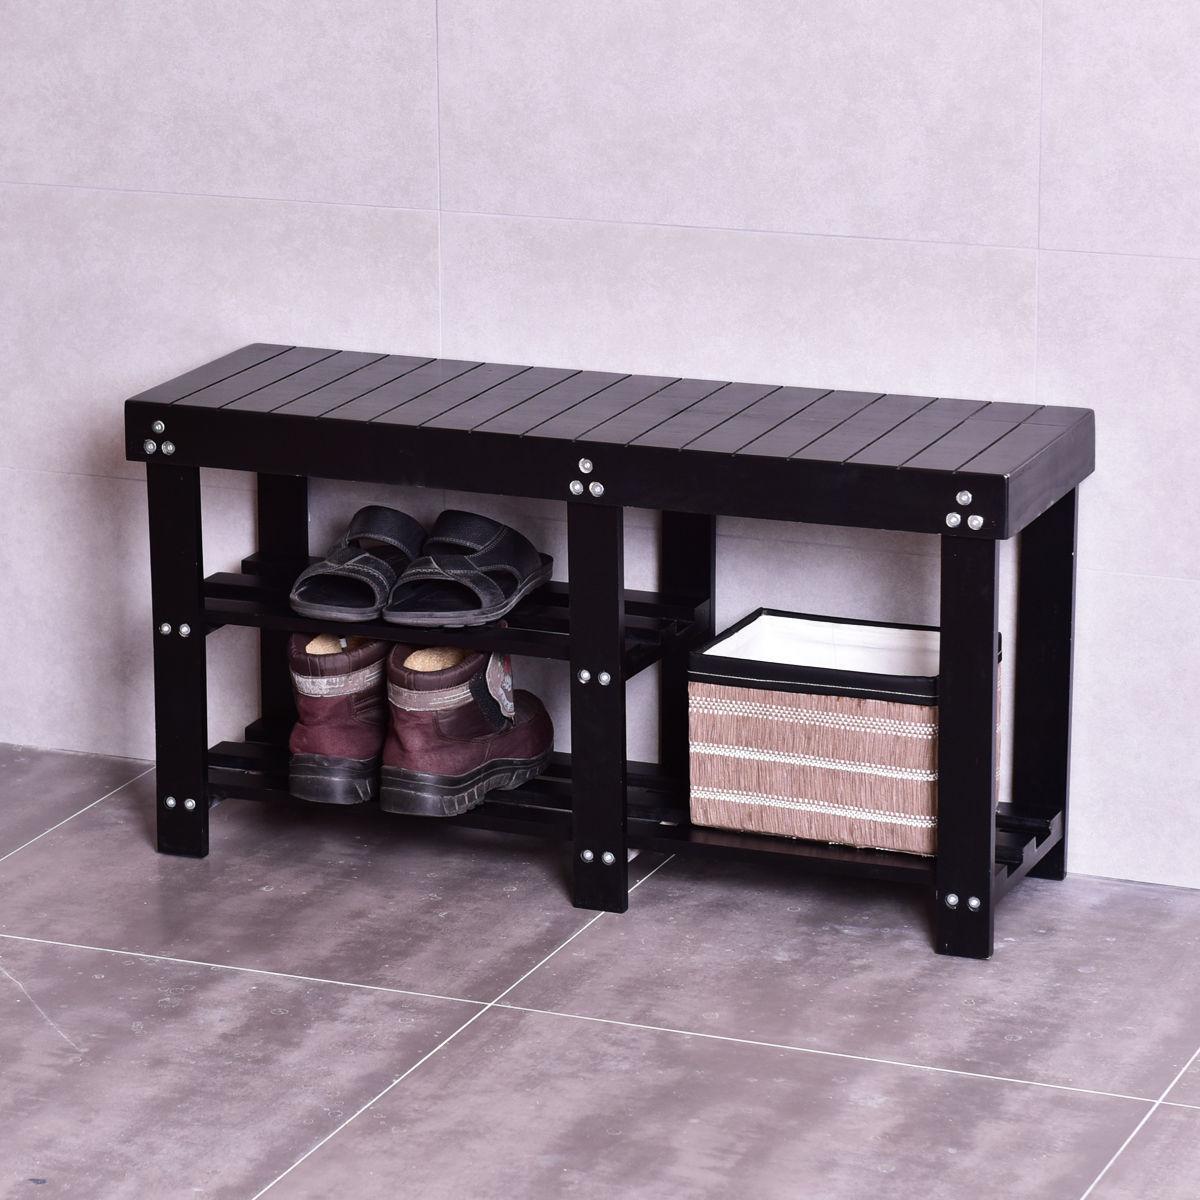 Costway Wooden Shoe Bench Boot Storage Shelf Organizer Se...